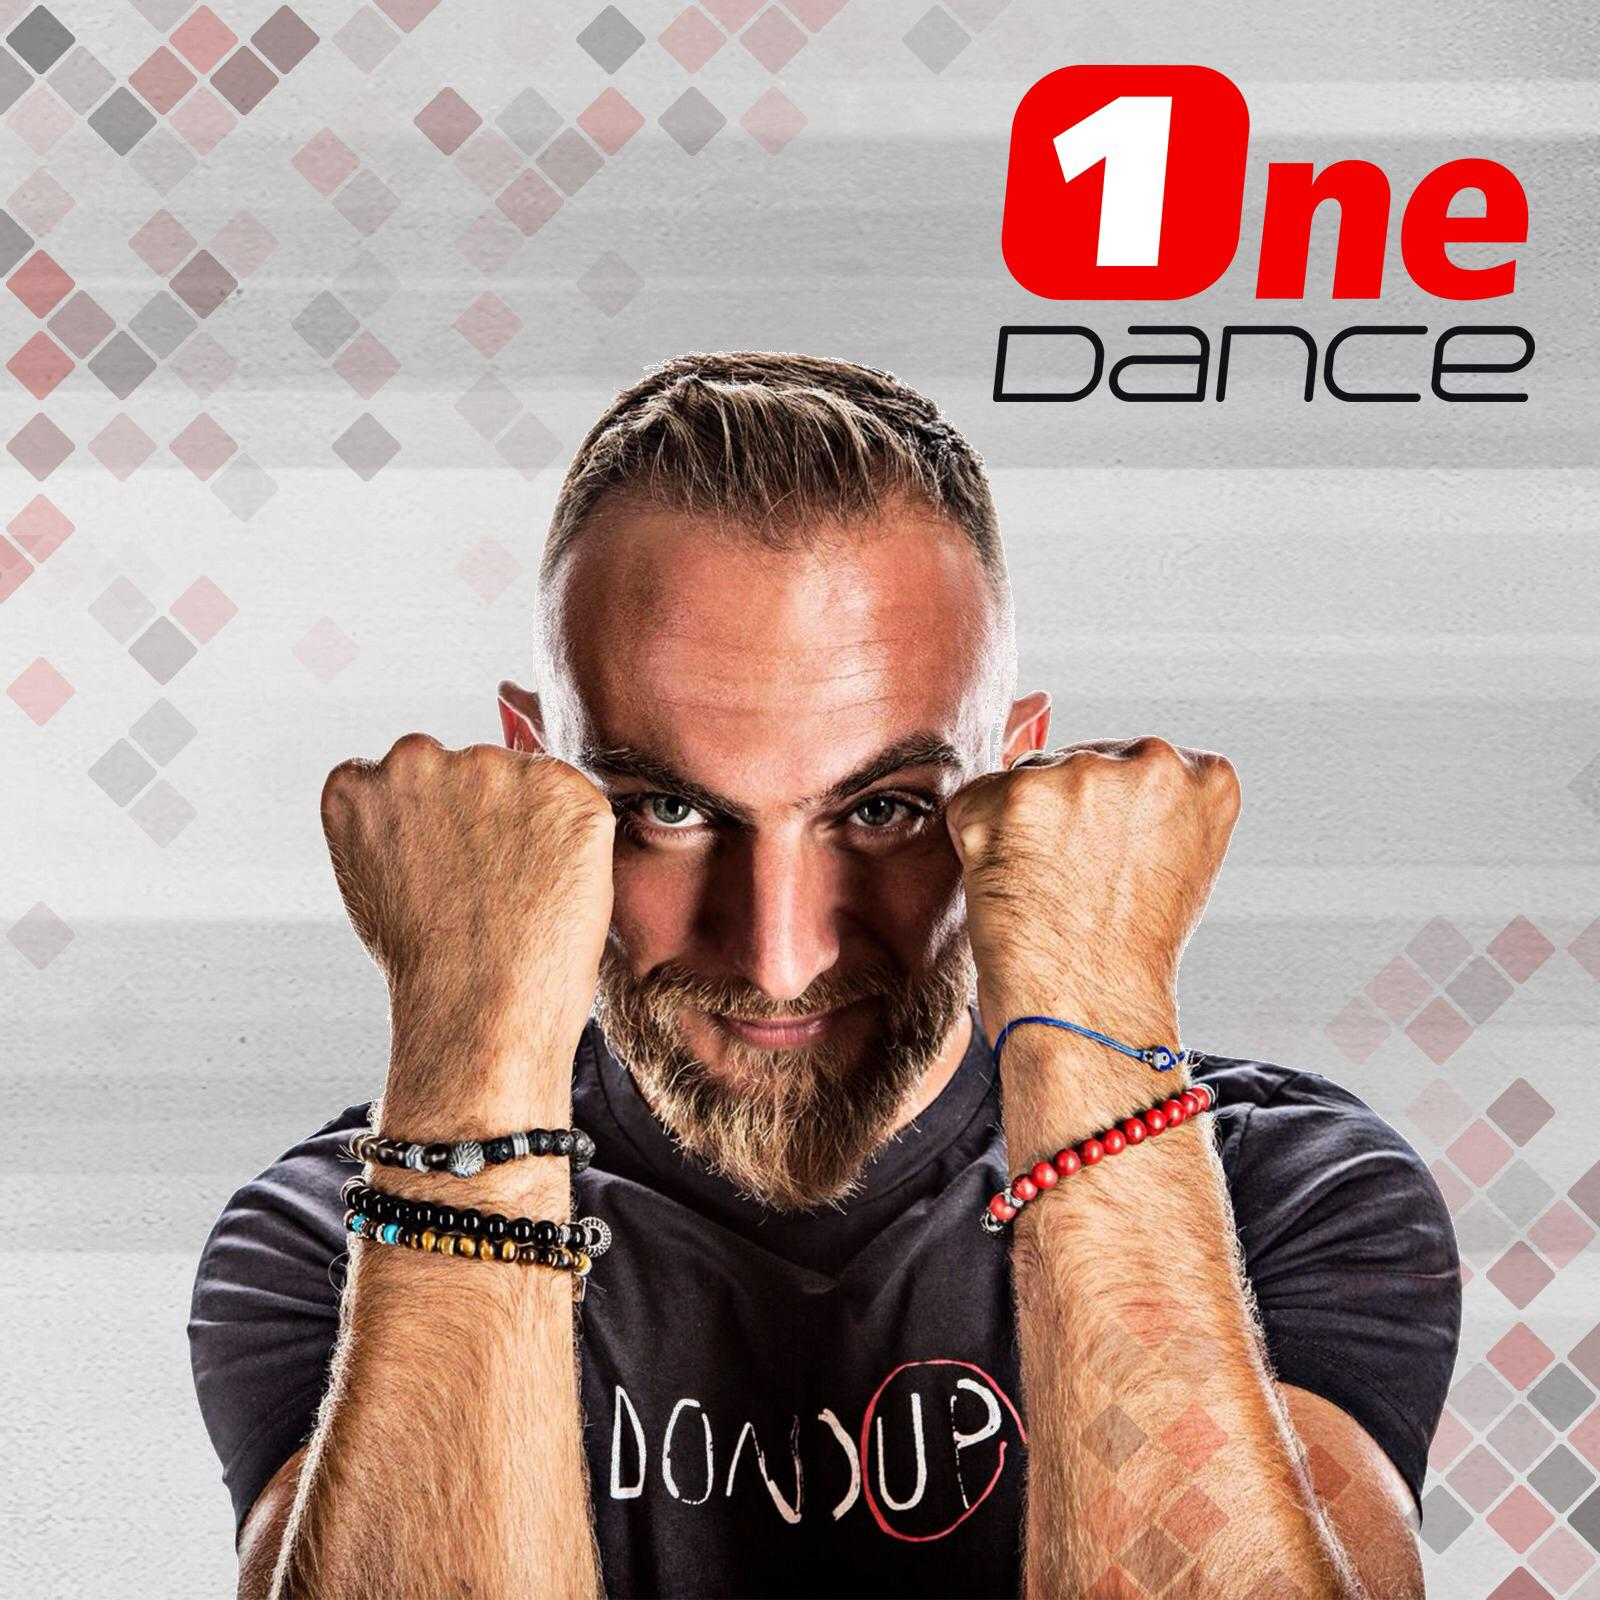 dino brown a radio one dance-dino brown direttore frontman radio one dance- dino brown consulenza radiofonica